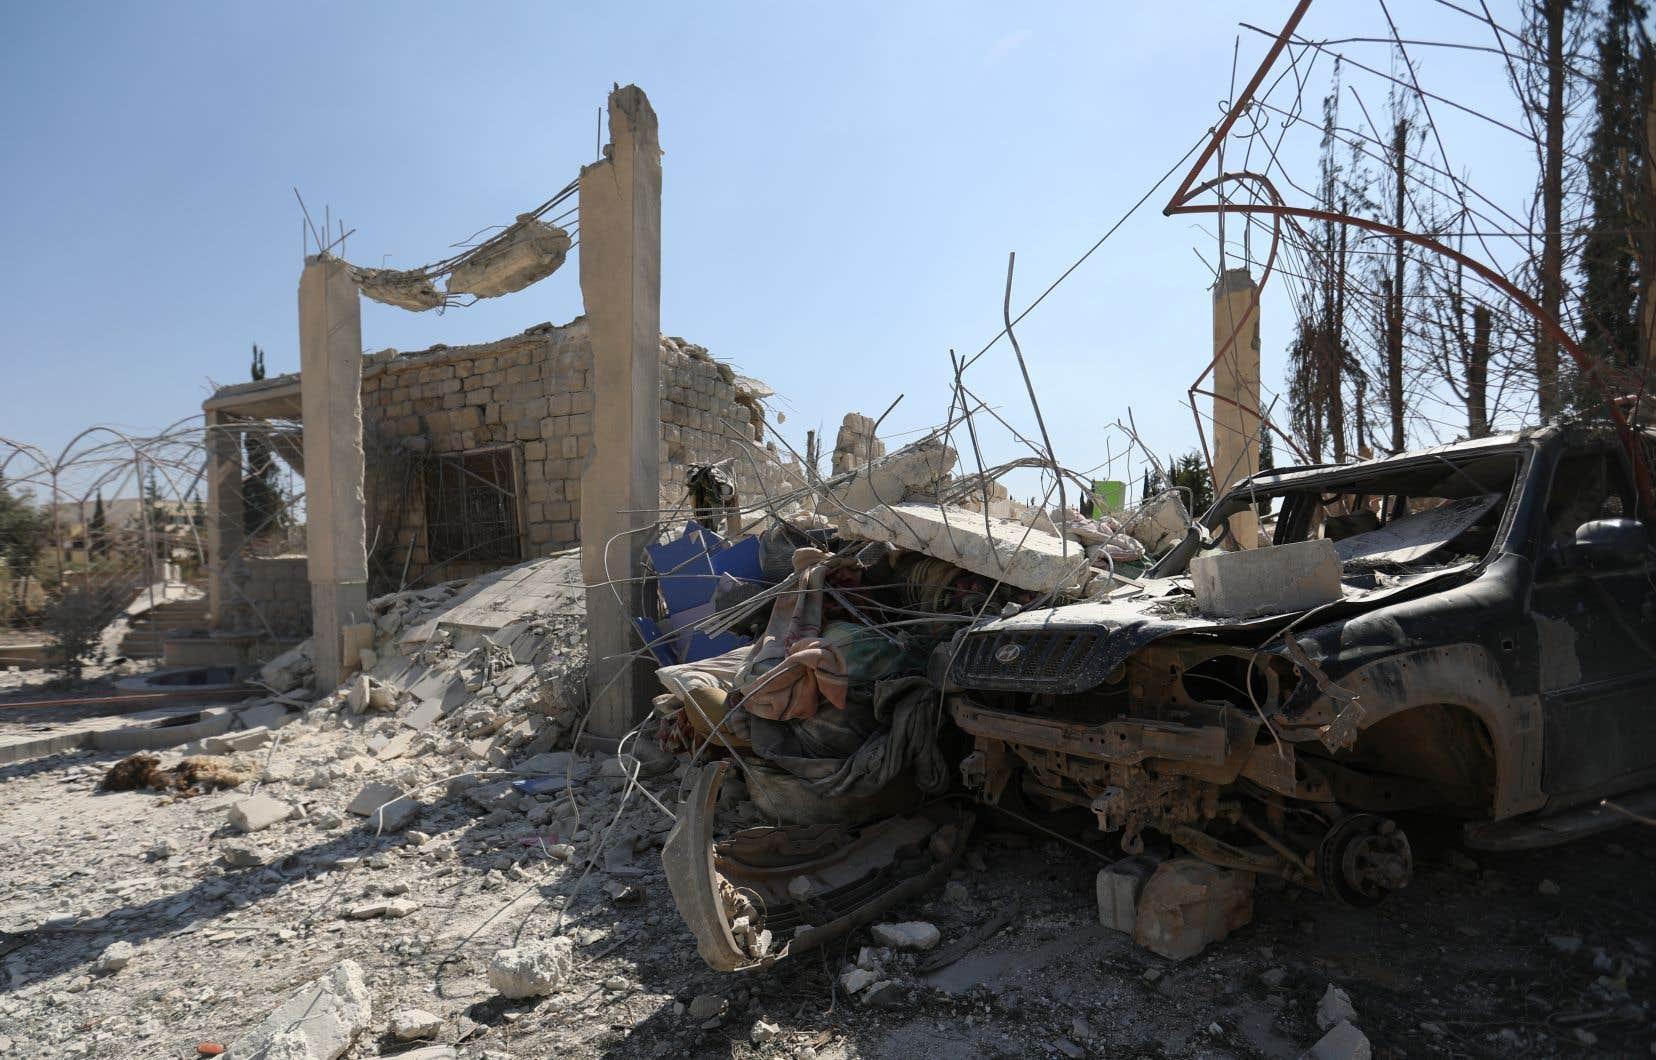 Avec la coalition, les États-Unis aident les Forces démocratiques syriennes (FDS) à lutter contre les djihadistes dans une zone frontalière avec l'Irak.